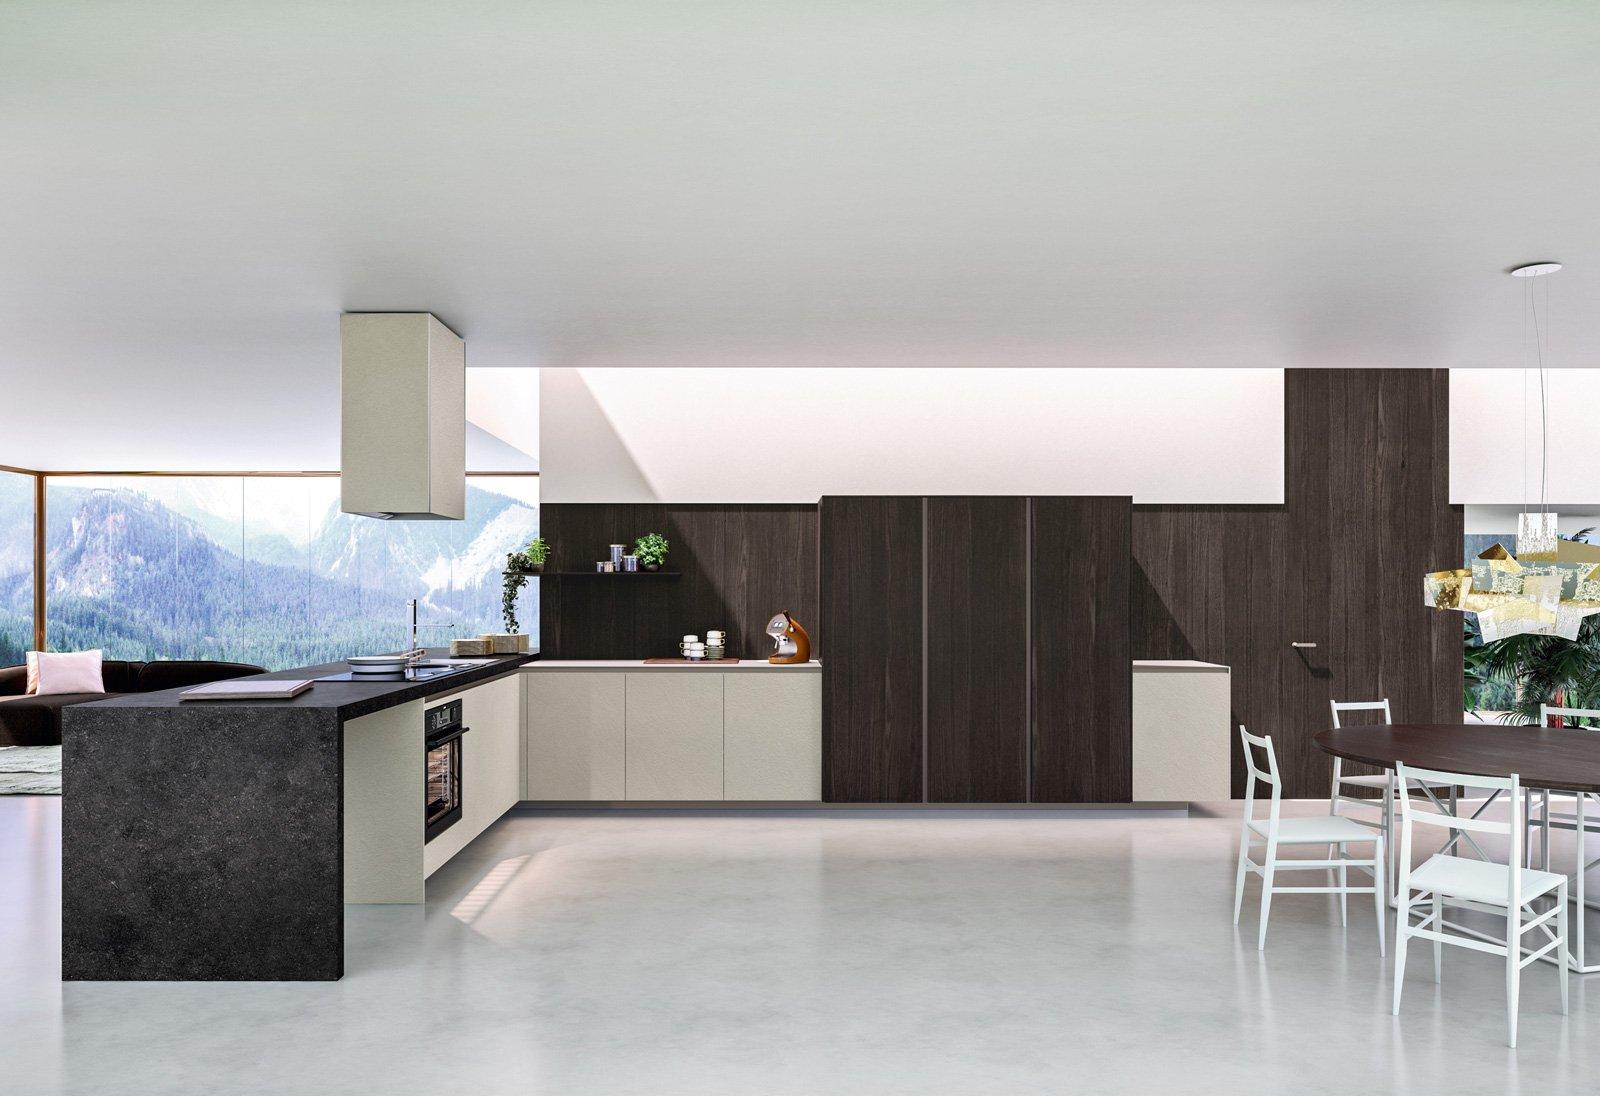 Cucine con penisola grande per separare contenere - Cucine moderne da sogno ...